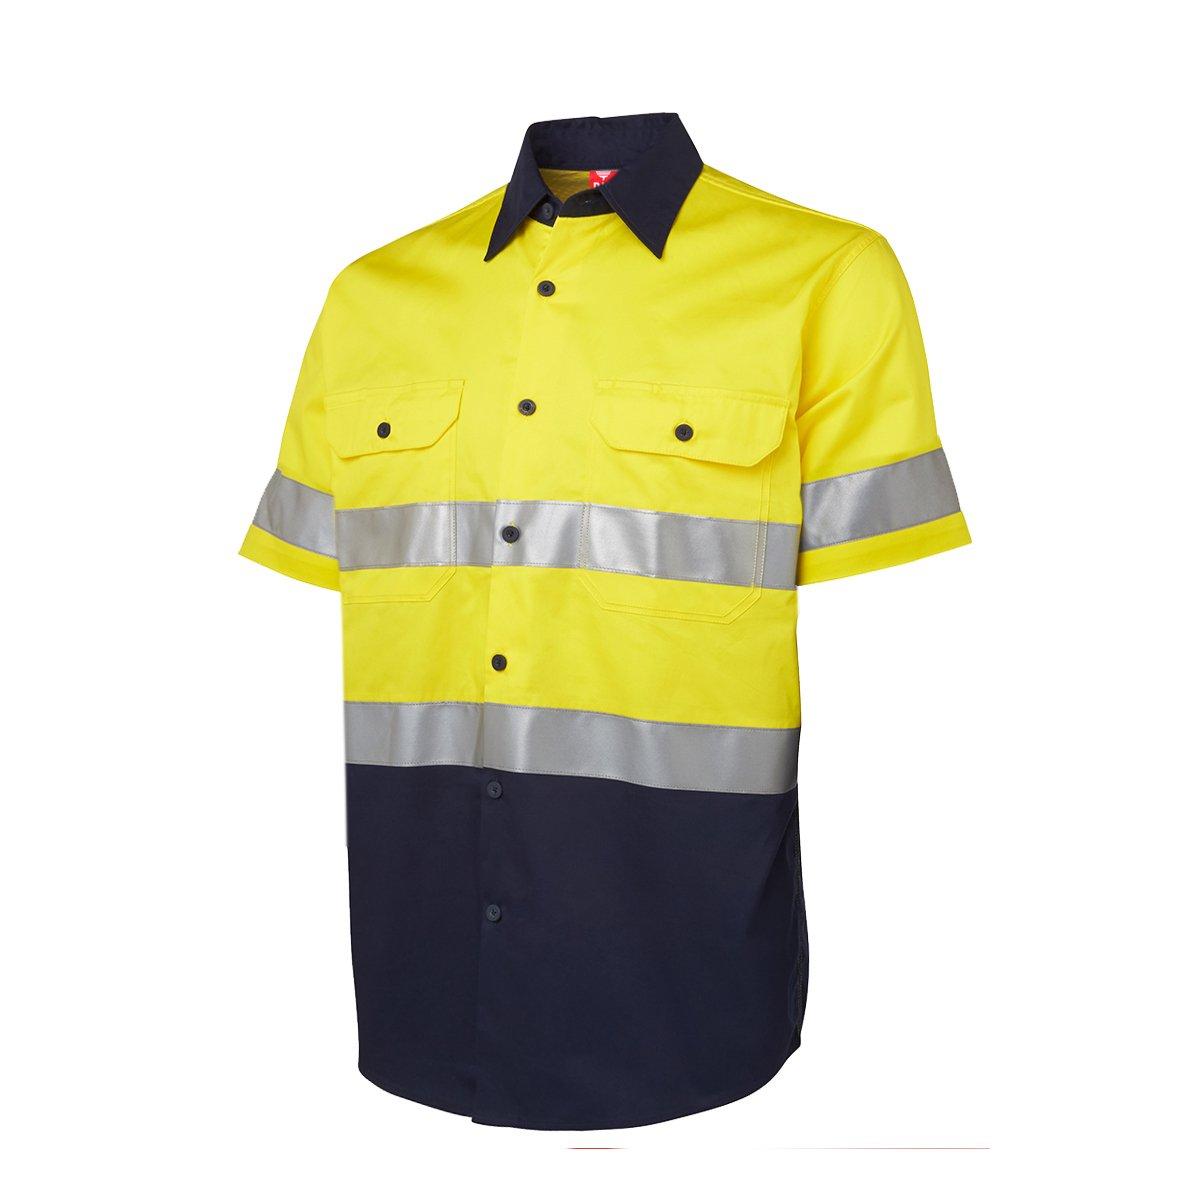 1 x Hi Vis安全コットンドリルシャツWork Wear半袖反射テープ B0713MVTZP 3L|イエロー/ネイビー イエロー/ネイビー 3L